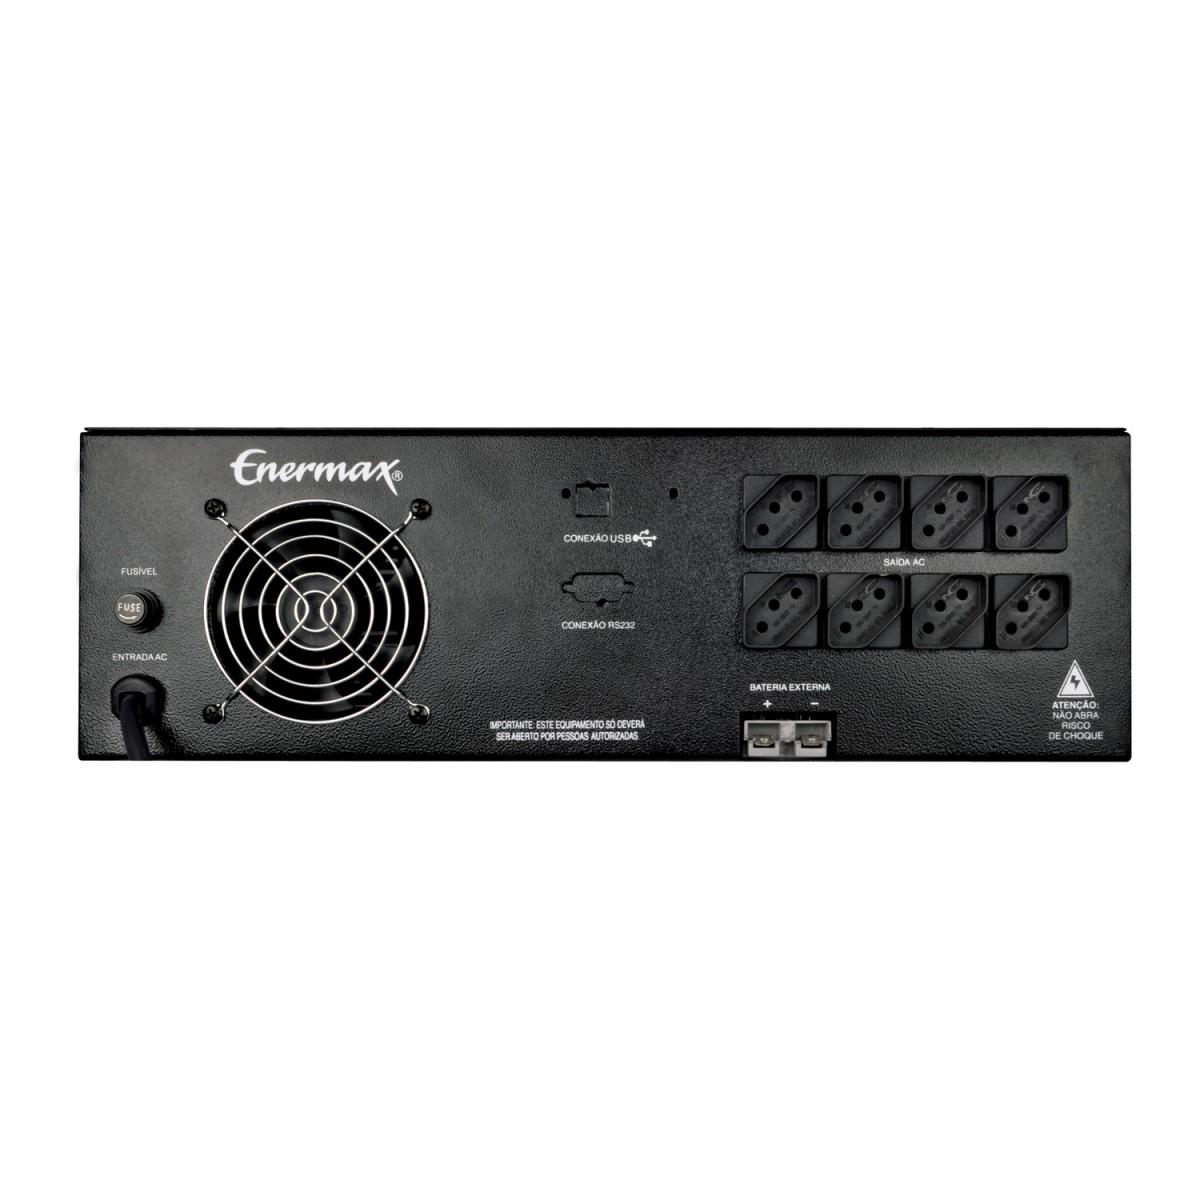 Nobreak Senoidal Magic Power II Enermax 800va Bivolt Automático S. 115v Rack USB